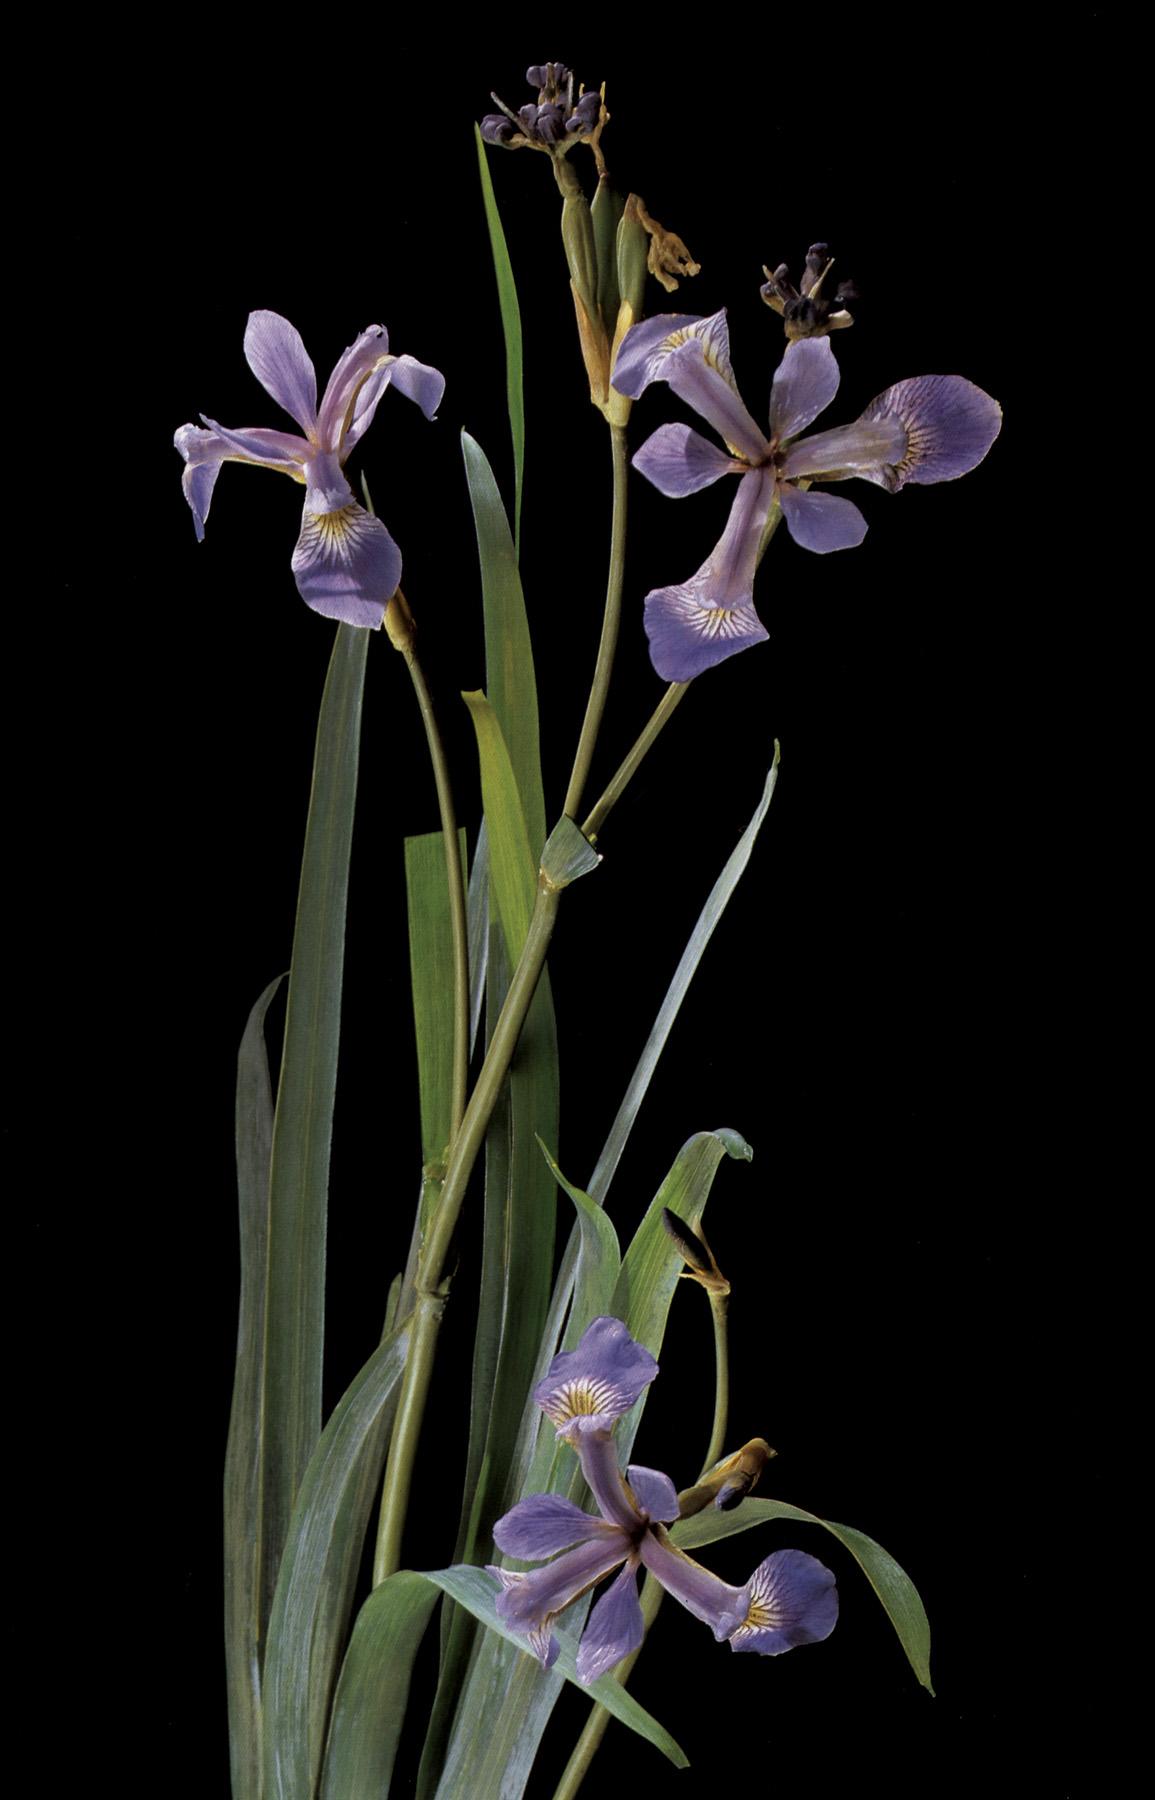 Image result for blaschka glass models of plants